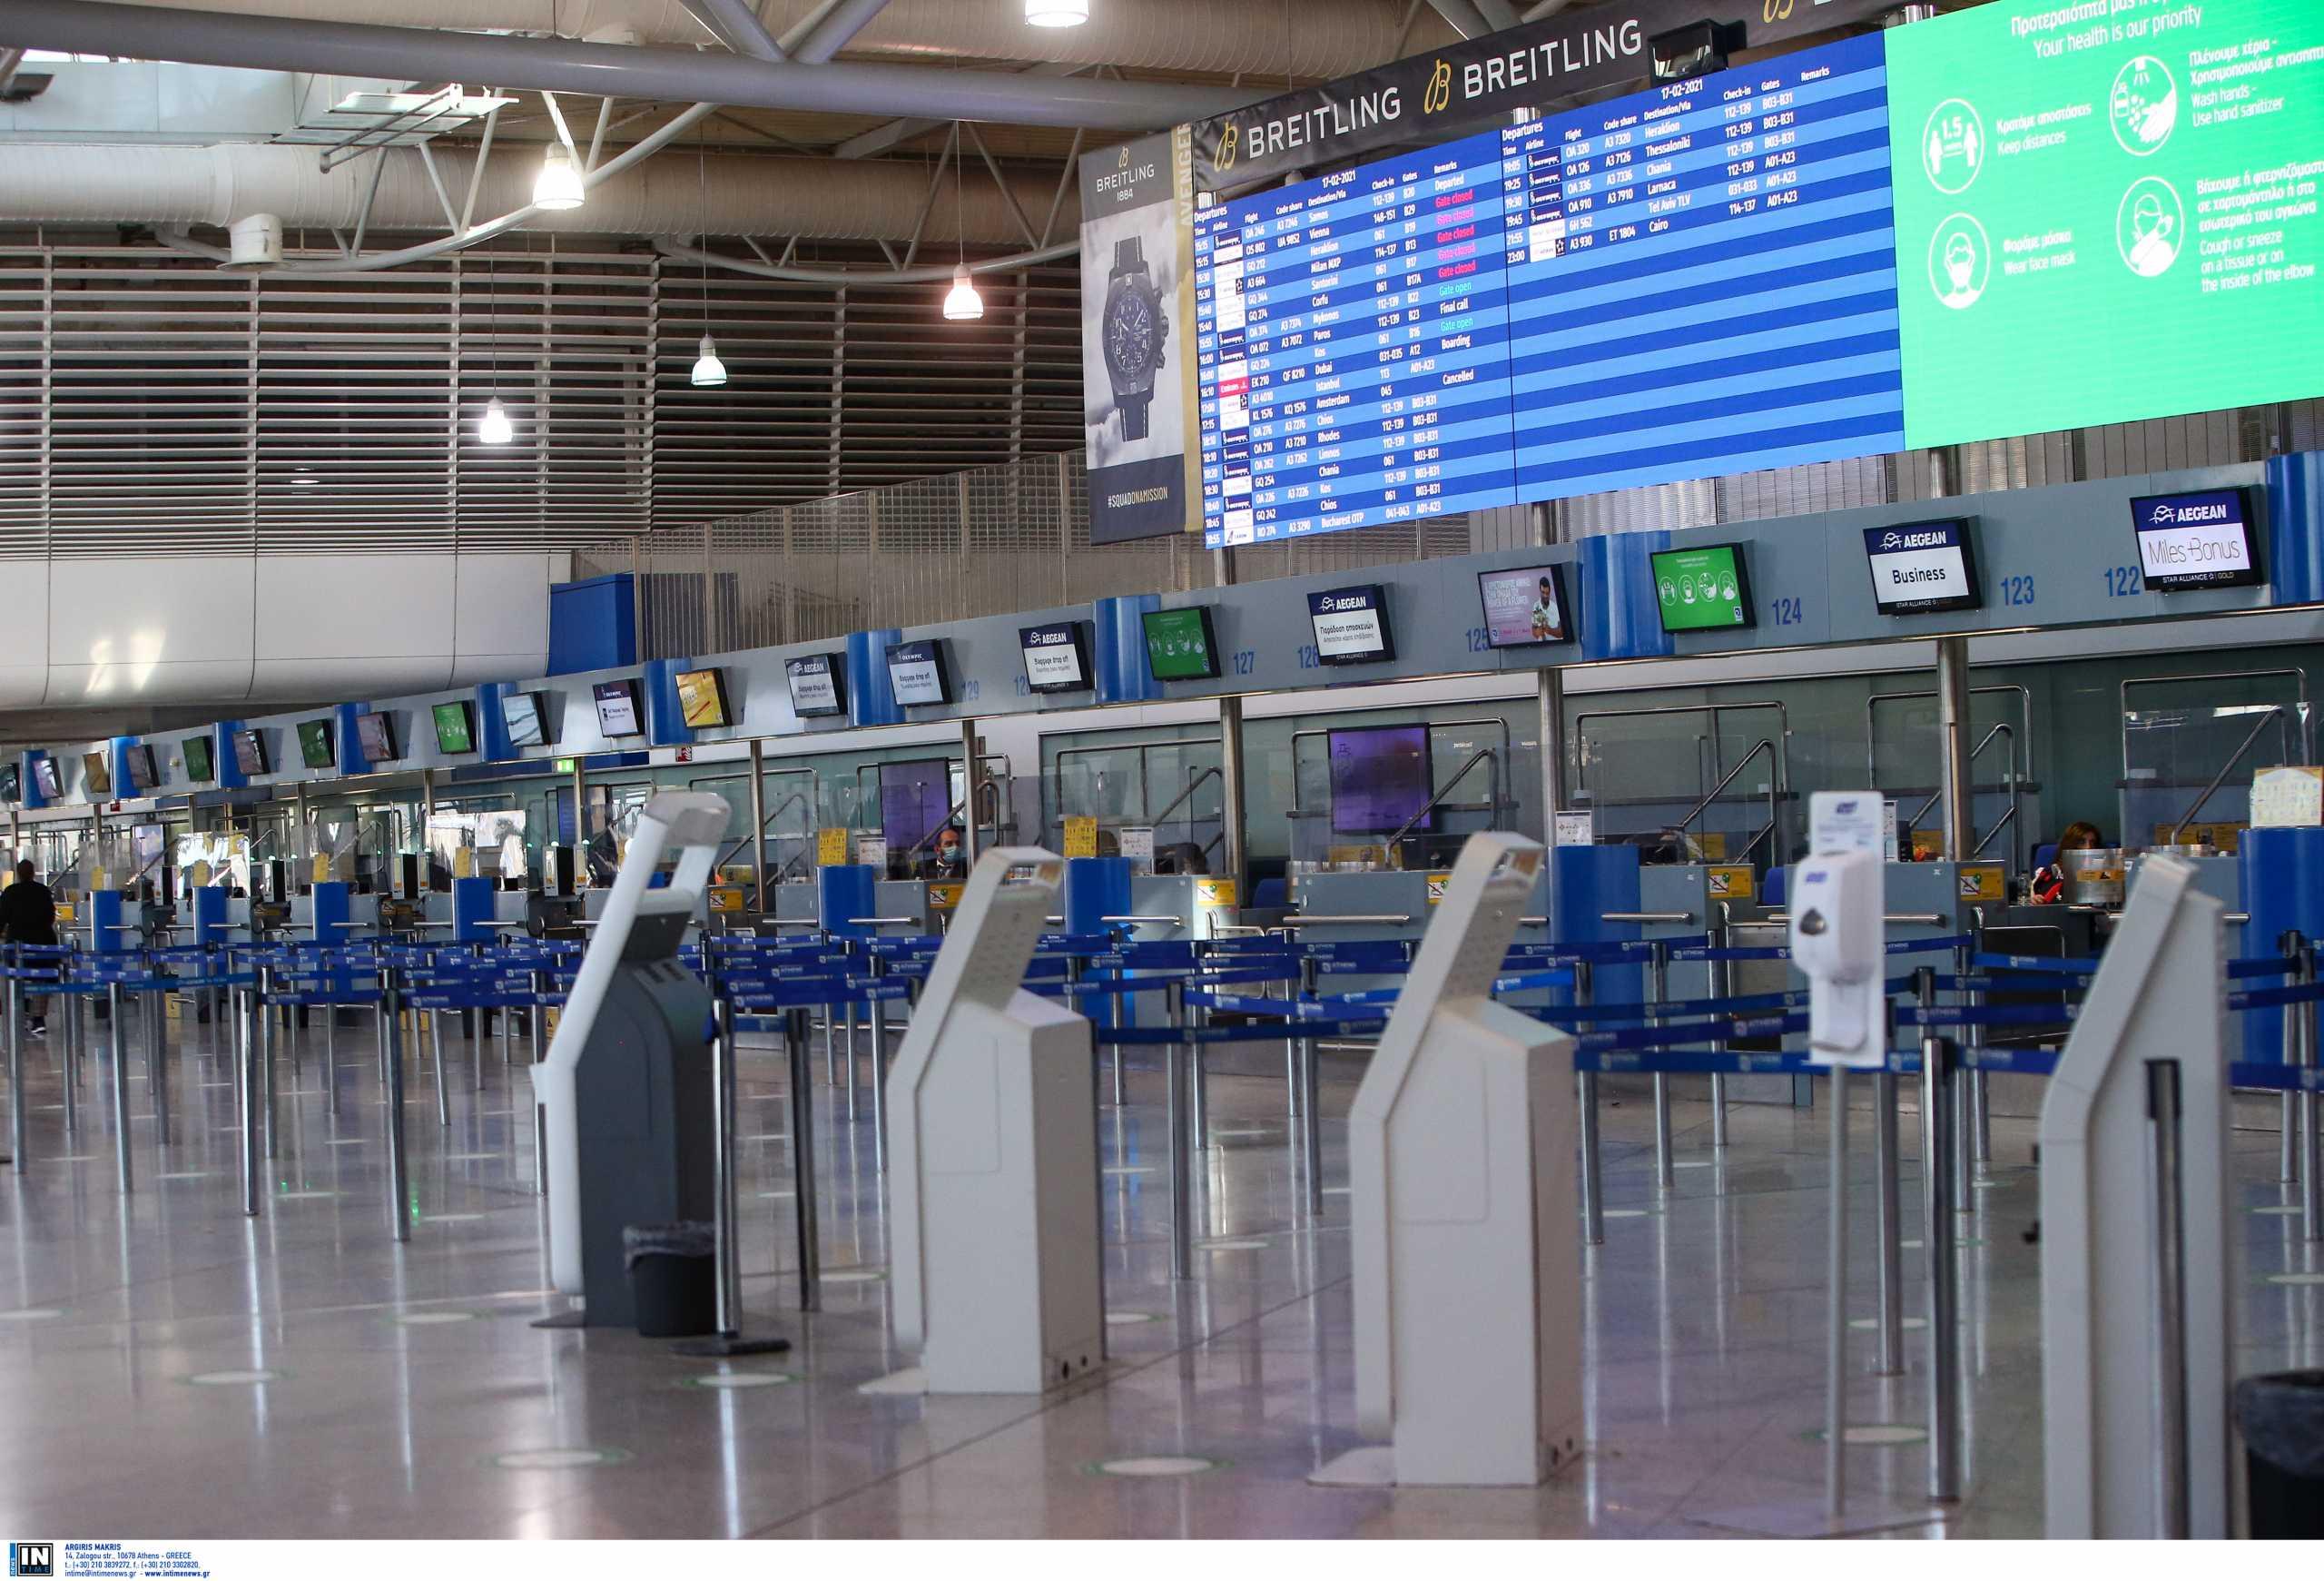 ΝΟΤΑΜ: Παρατείνονται οι περιορισμοί στις πτήσεις του εσωτερικού